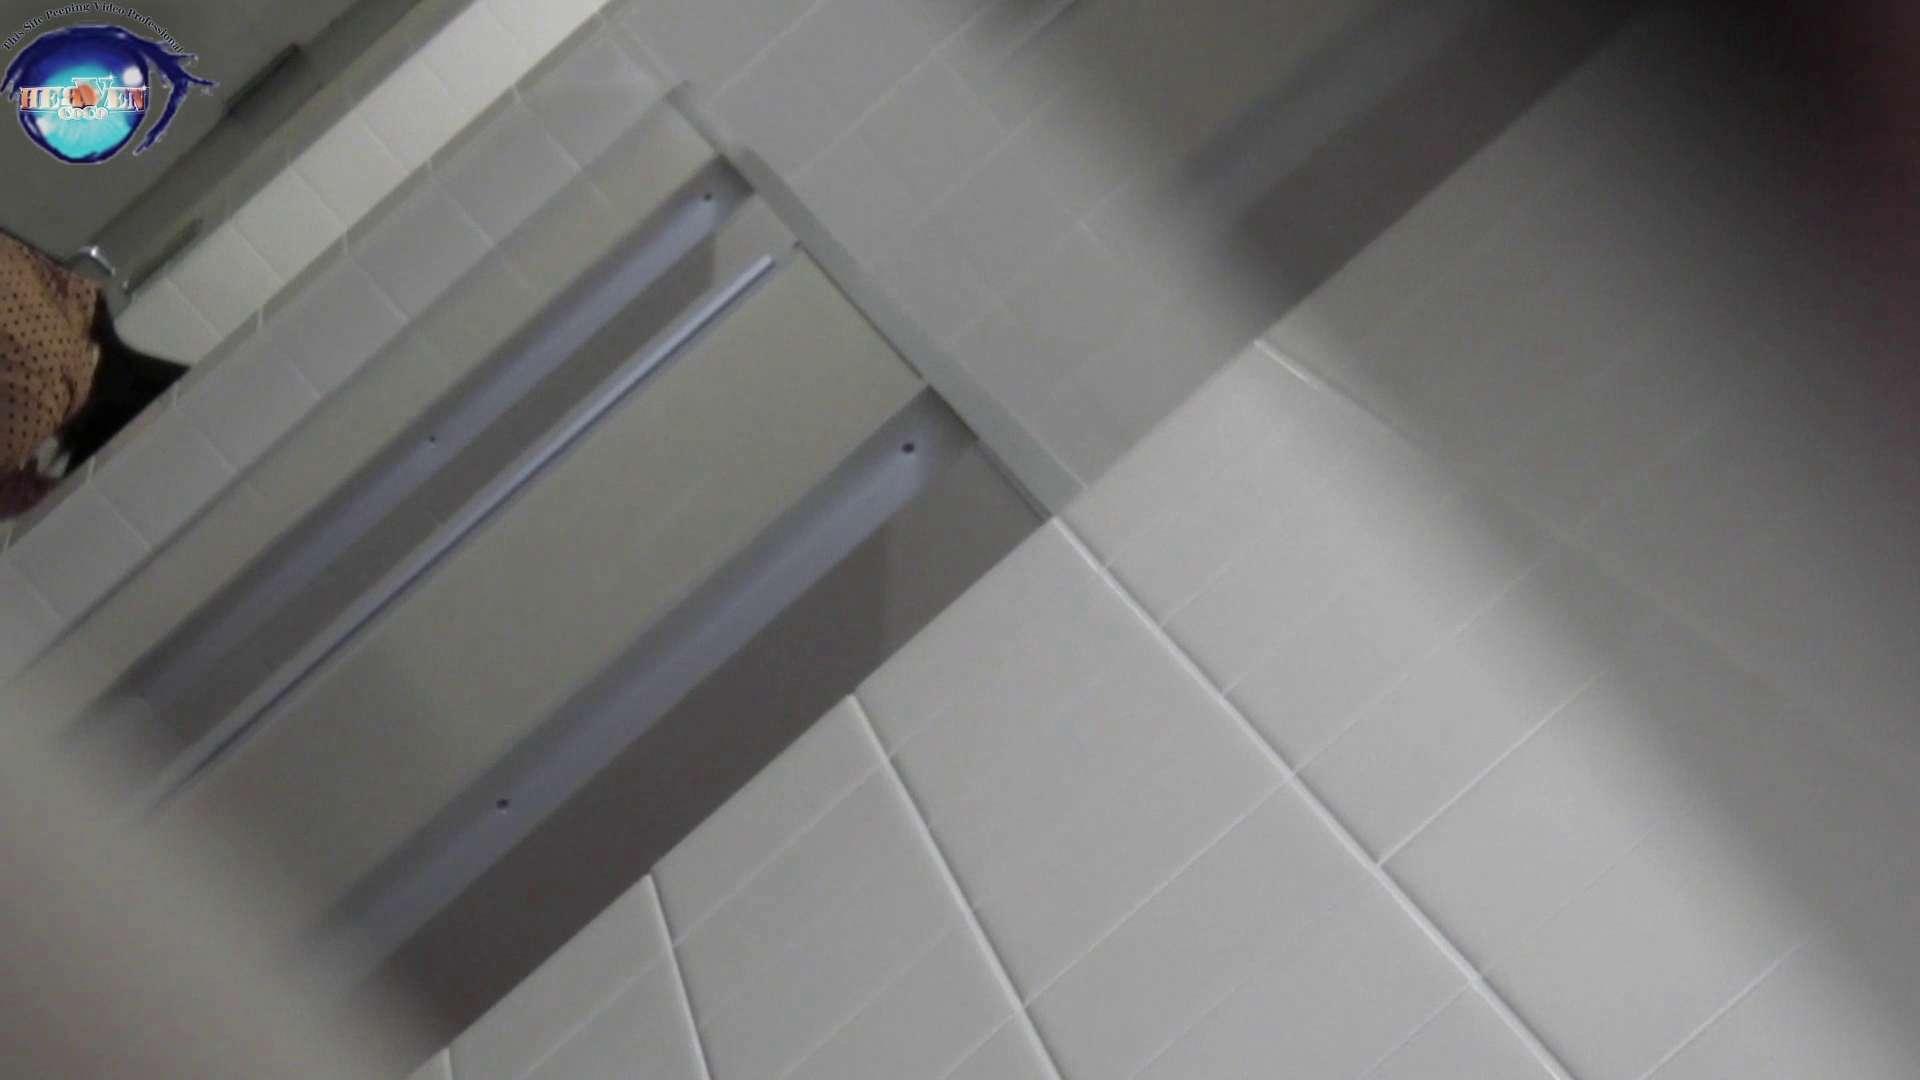 アダルトエロ動画|洗面所突入レポート!!お銀 vol.68 無謀に通路に飛び出て一番明るいフロント撮り実現 前編|のぞき本舗 中村屋